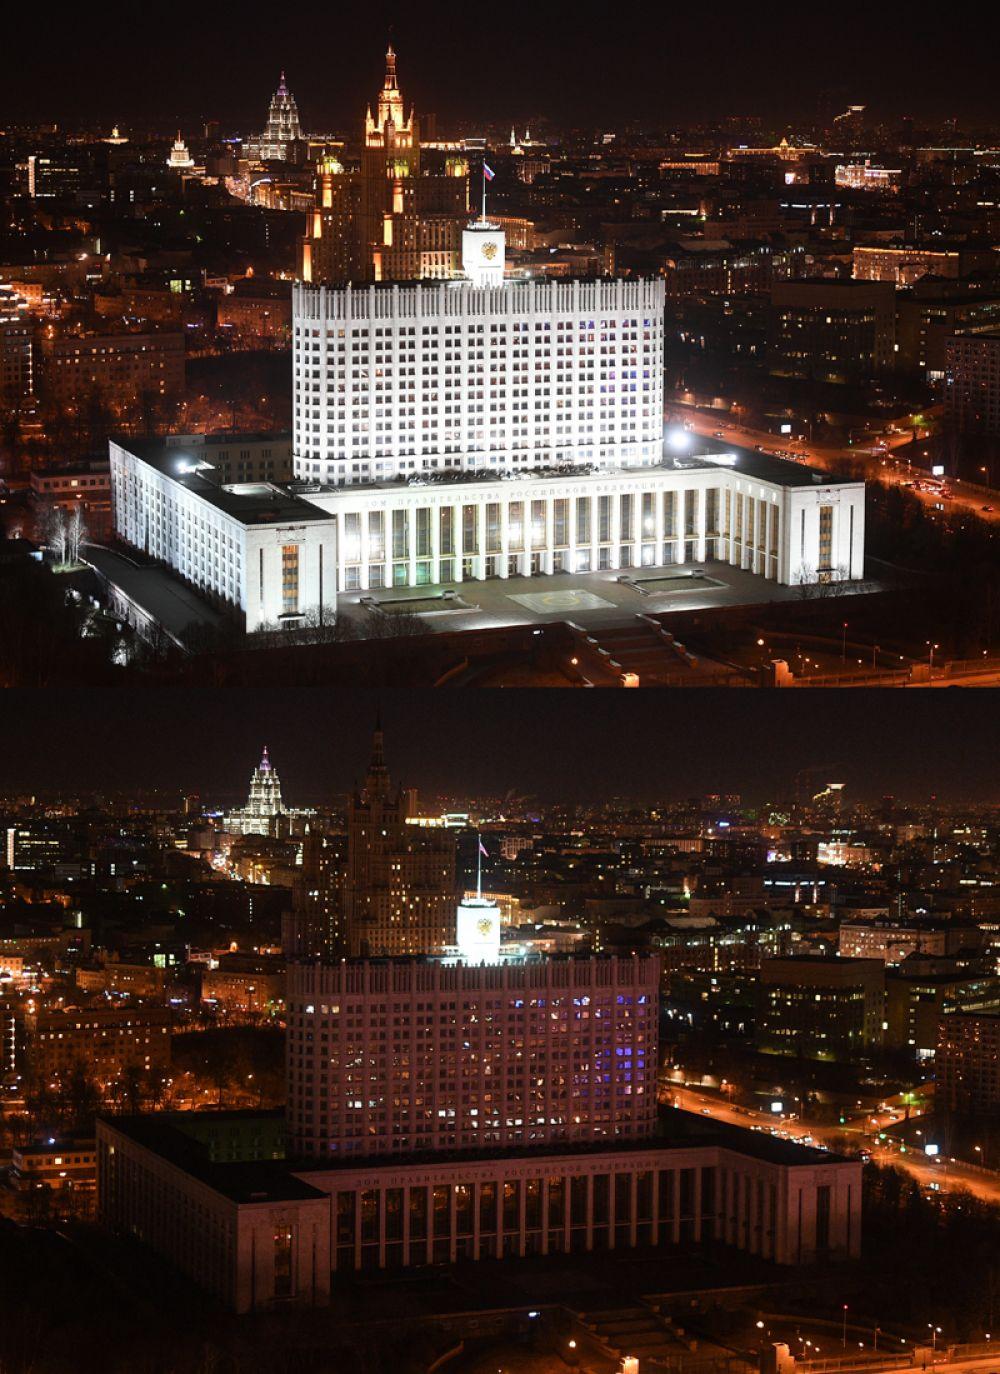 Дом Правительства до и после отключения подсветки.